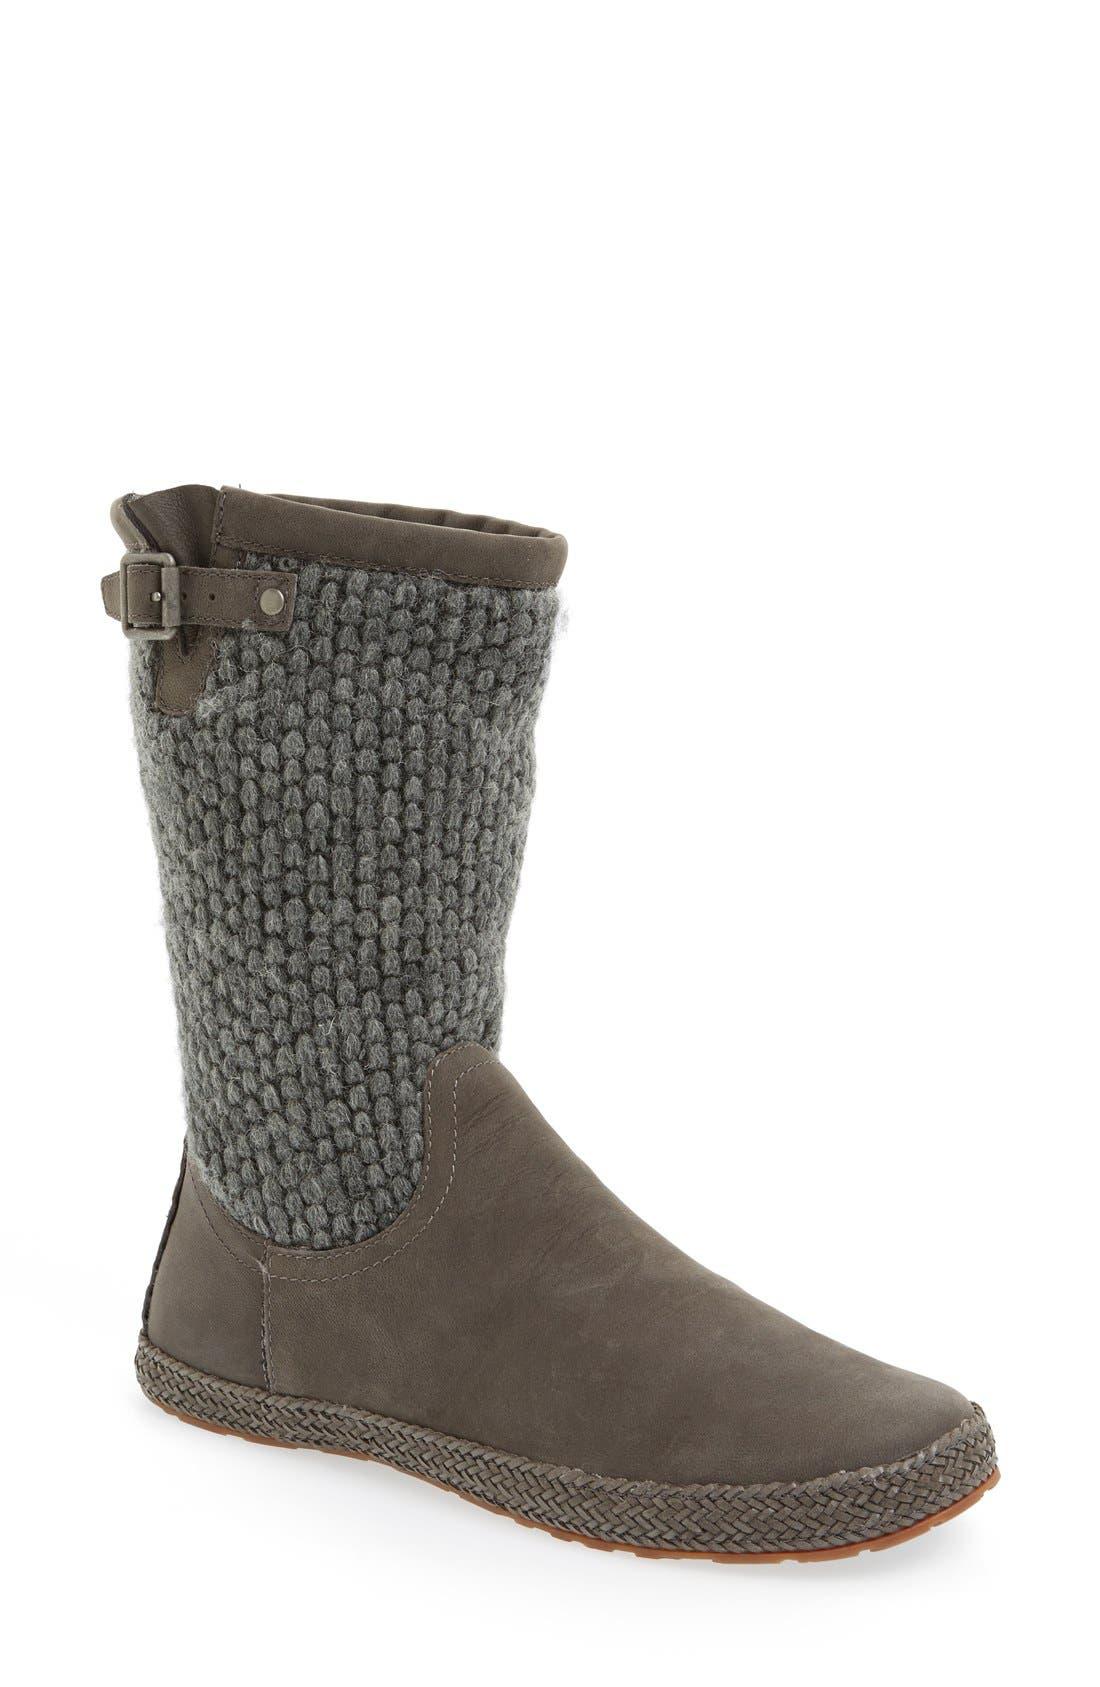 Main Image - UGG® 'Lyza' Boot (Women)